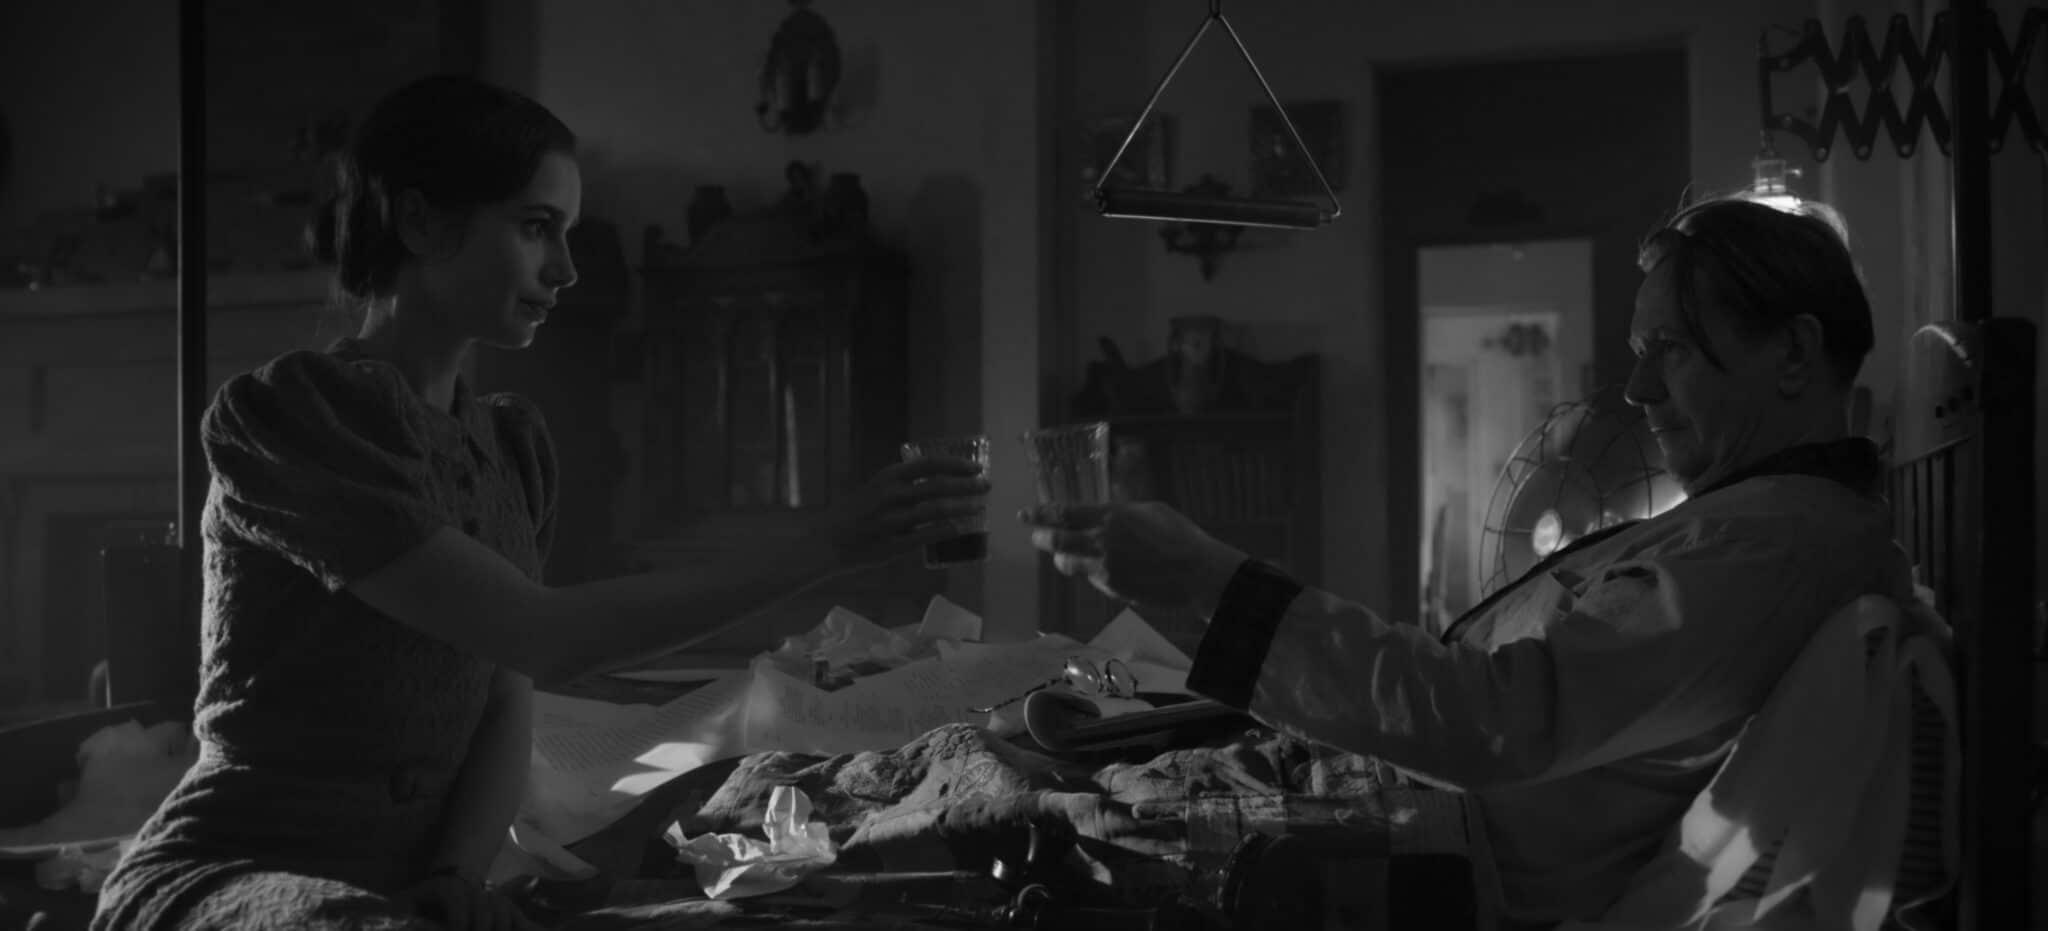 Lily Collins und Gary Oldman stoßen an, während sich Oldman in einem Krankenbett befindet.